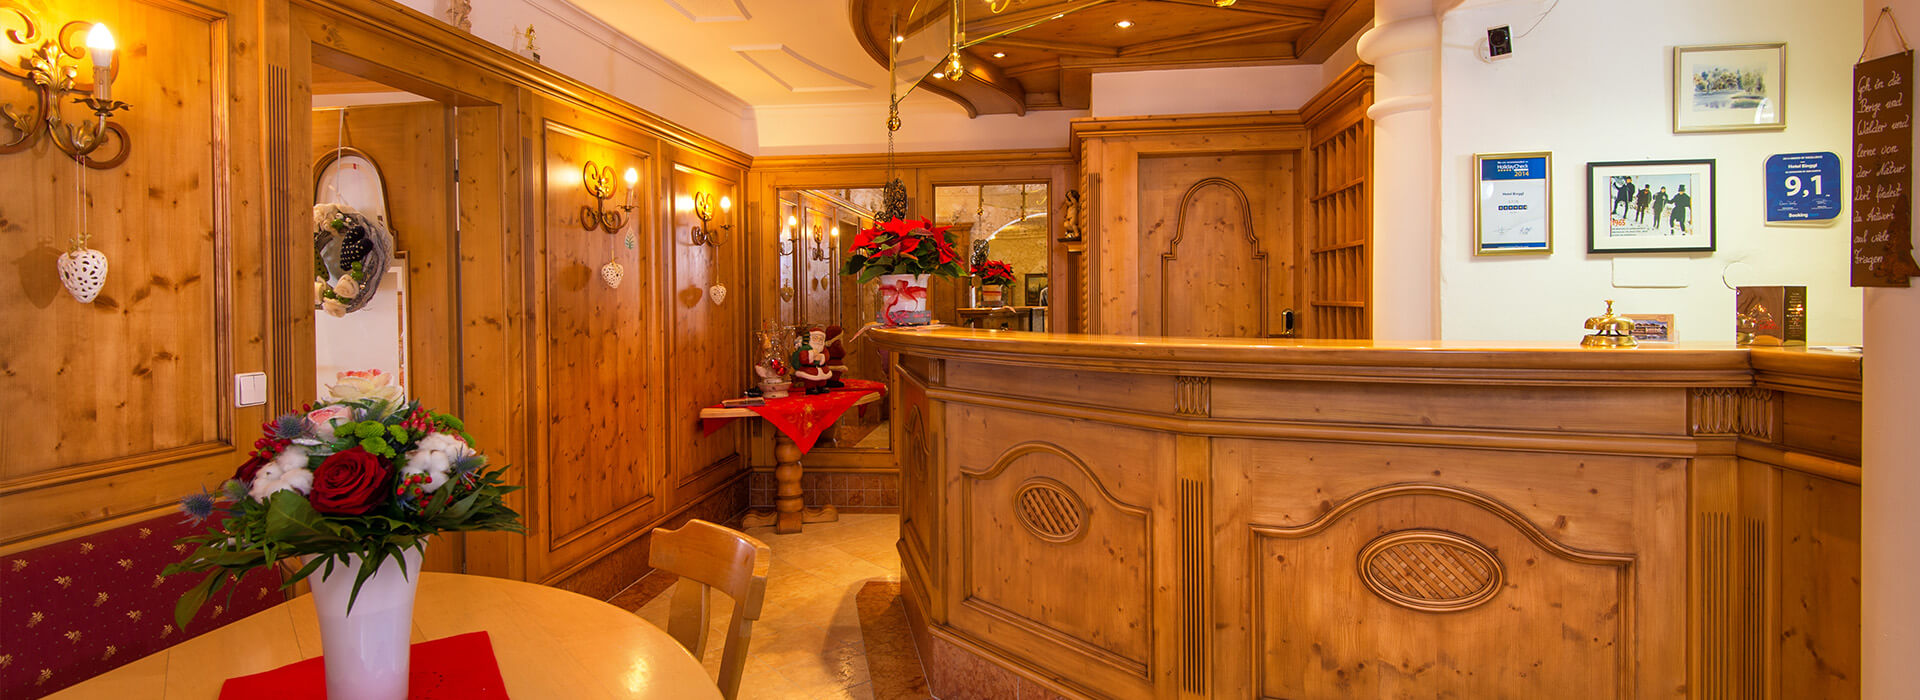 Hotel Binggl in Obertauern - Bilder